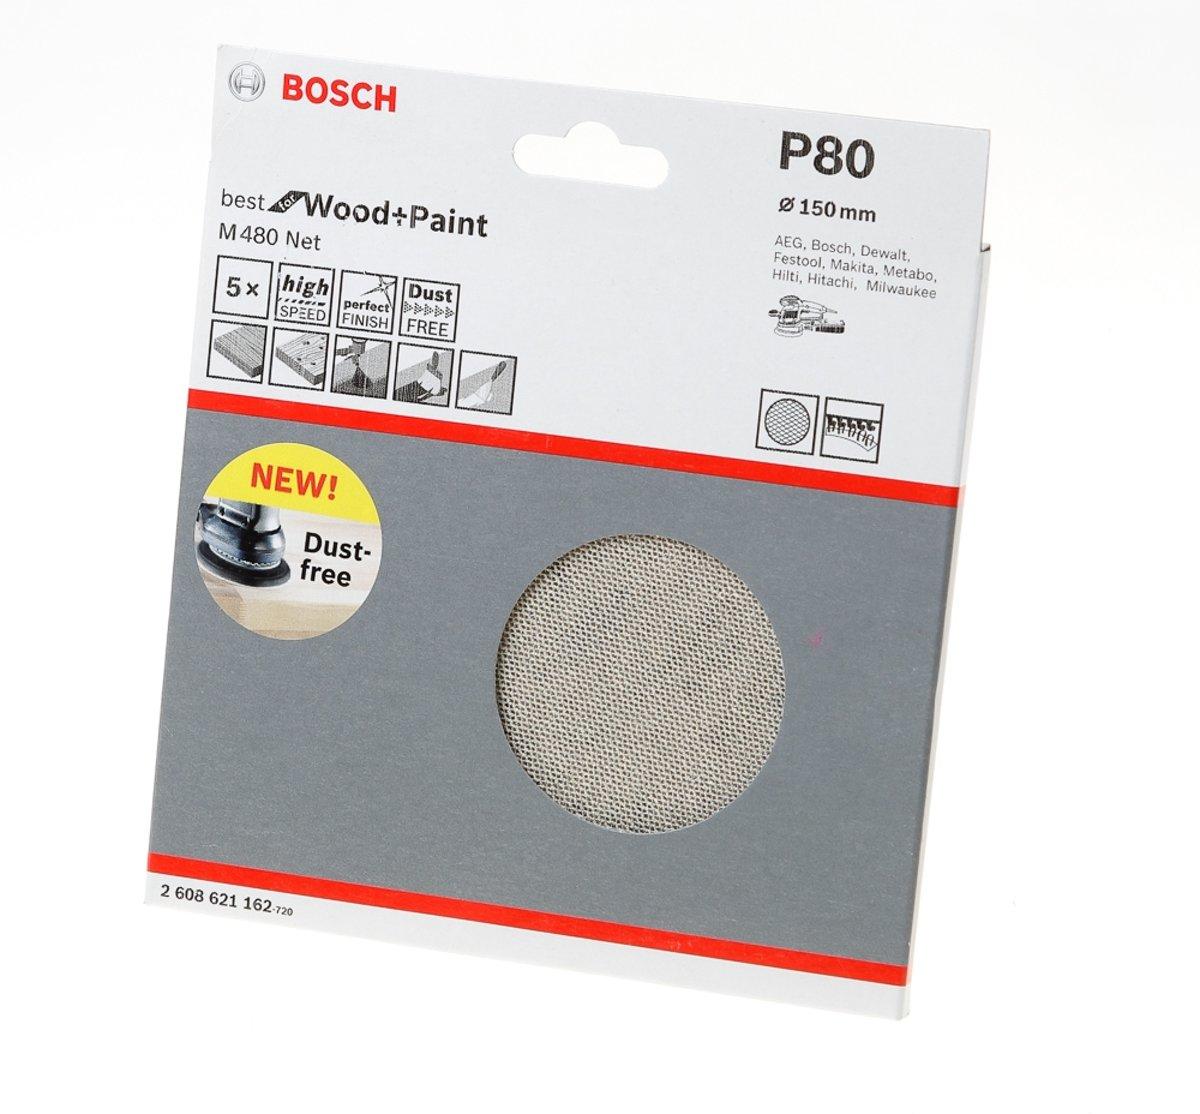 Bosch Schuurschijfnet Wood and Paint 150mm K80 M480 blister van 5 schijven kopen